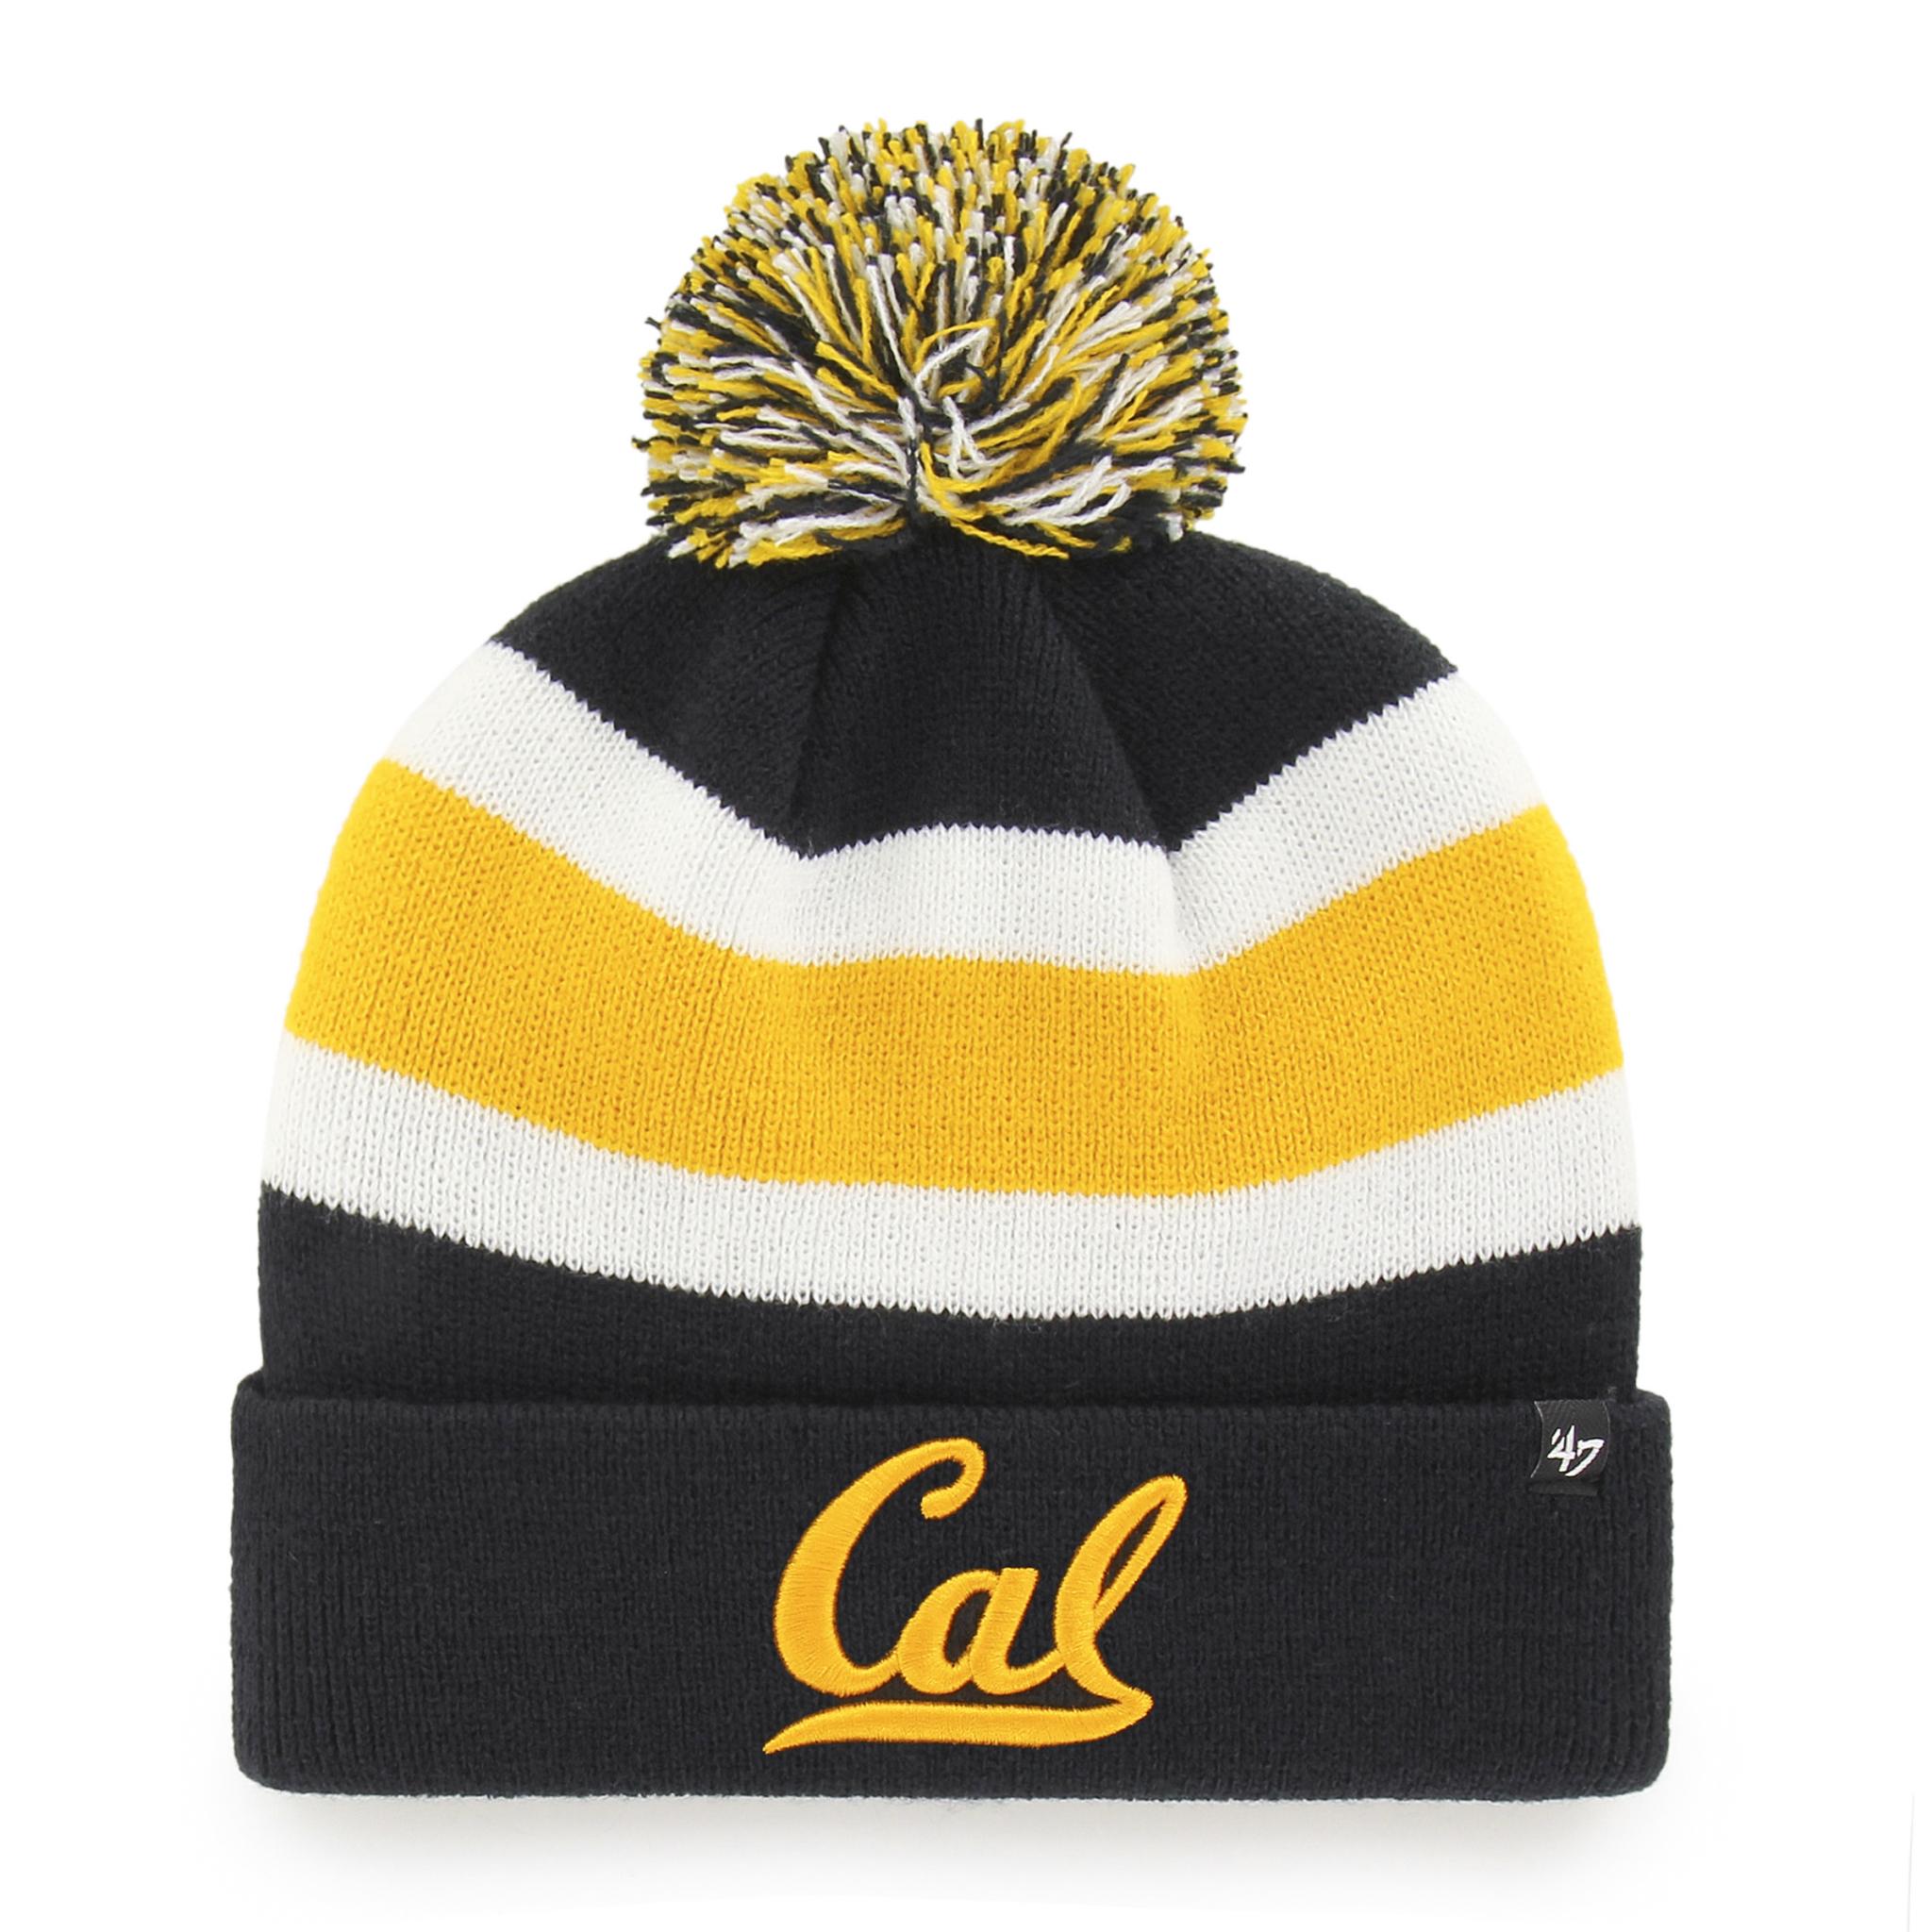 Cal Bears Breakaway Cuff Knit